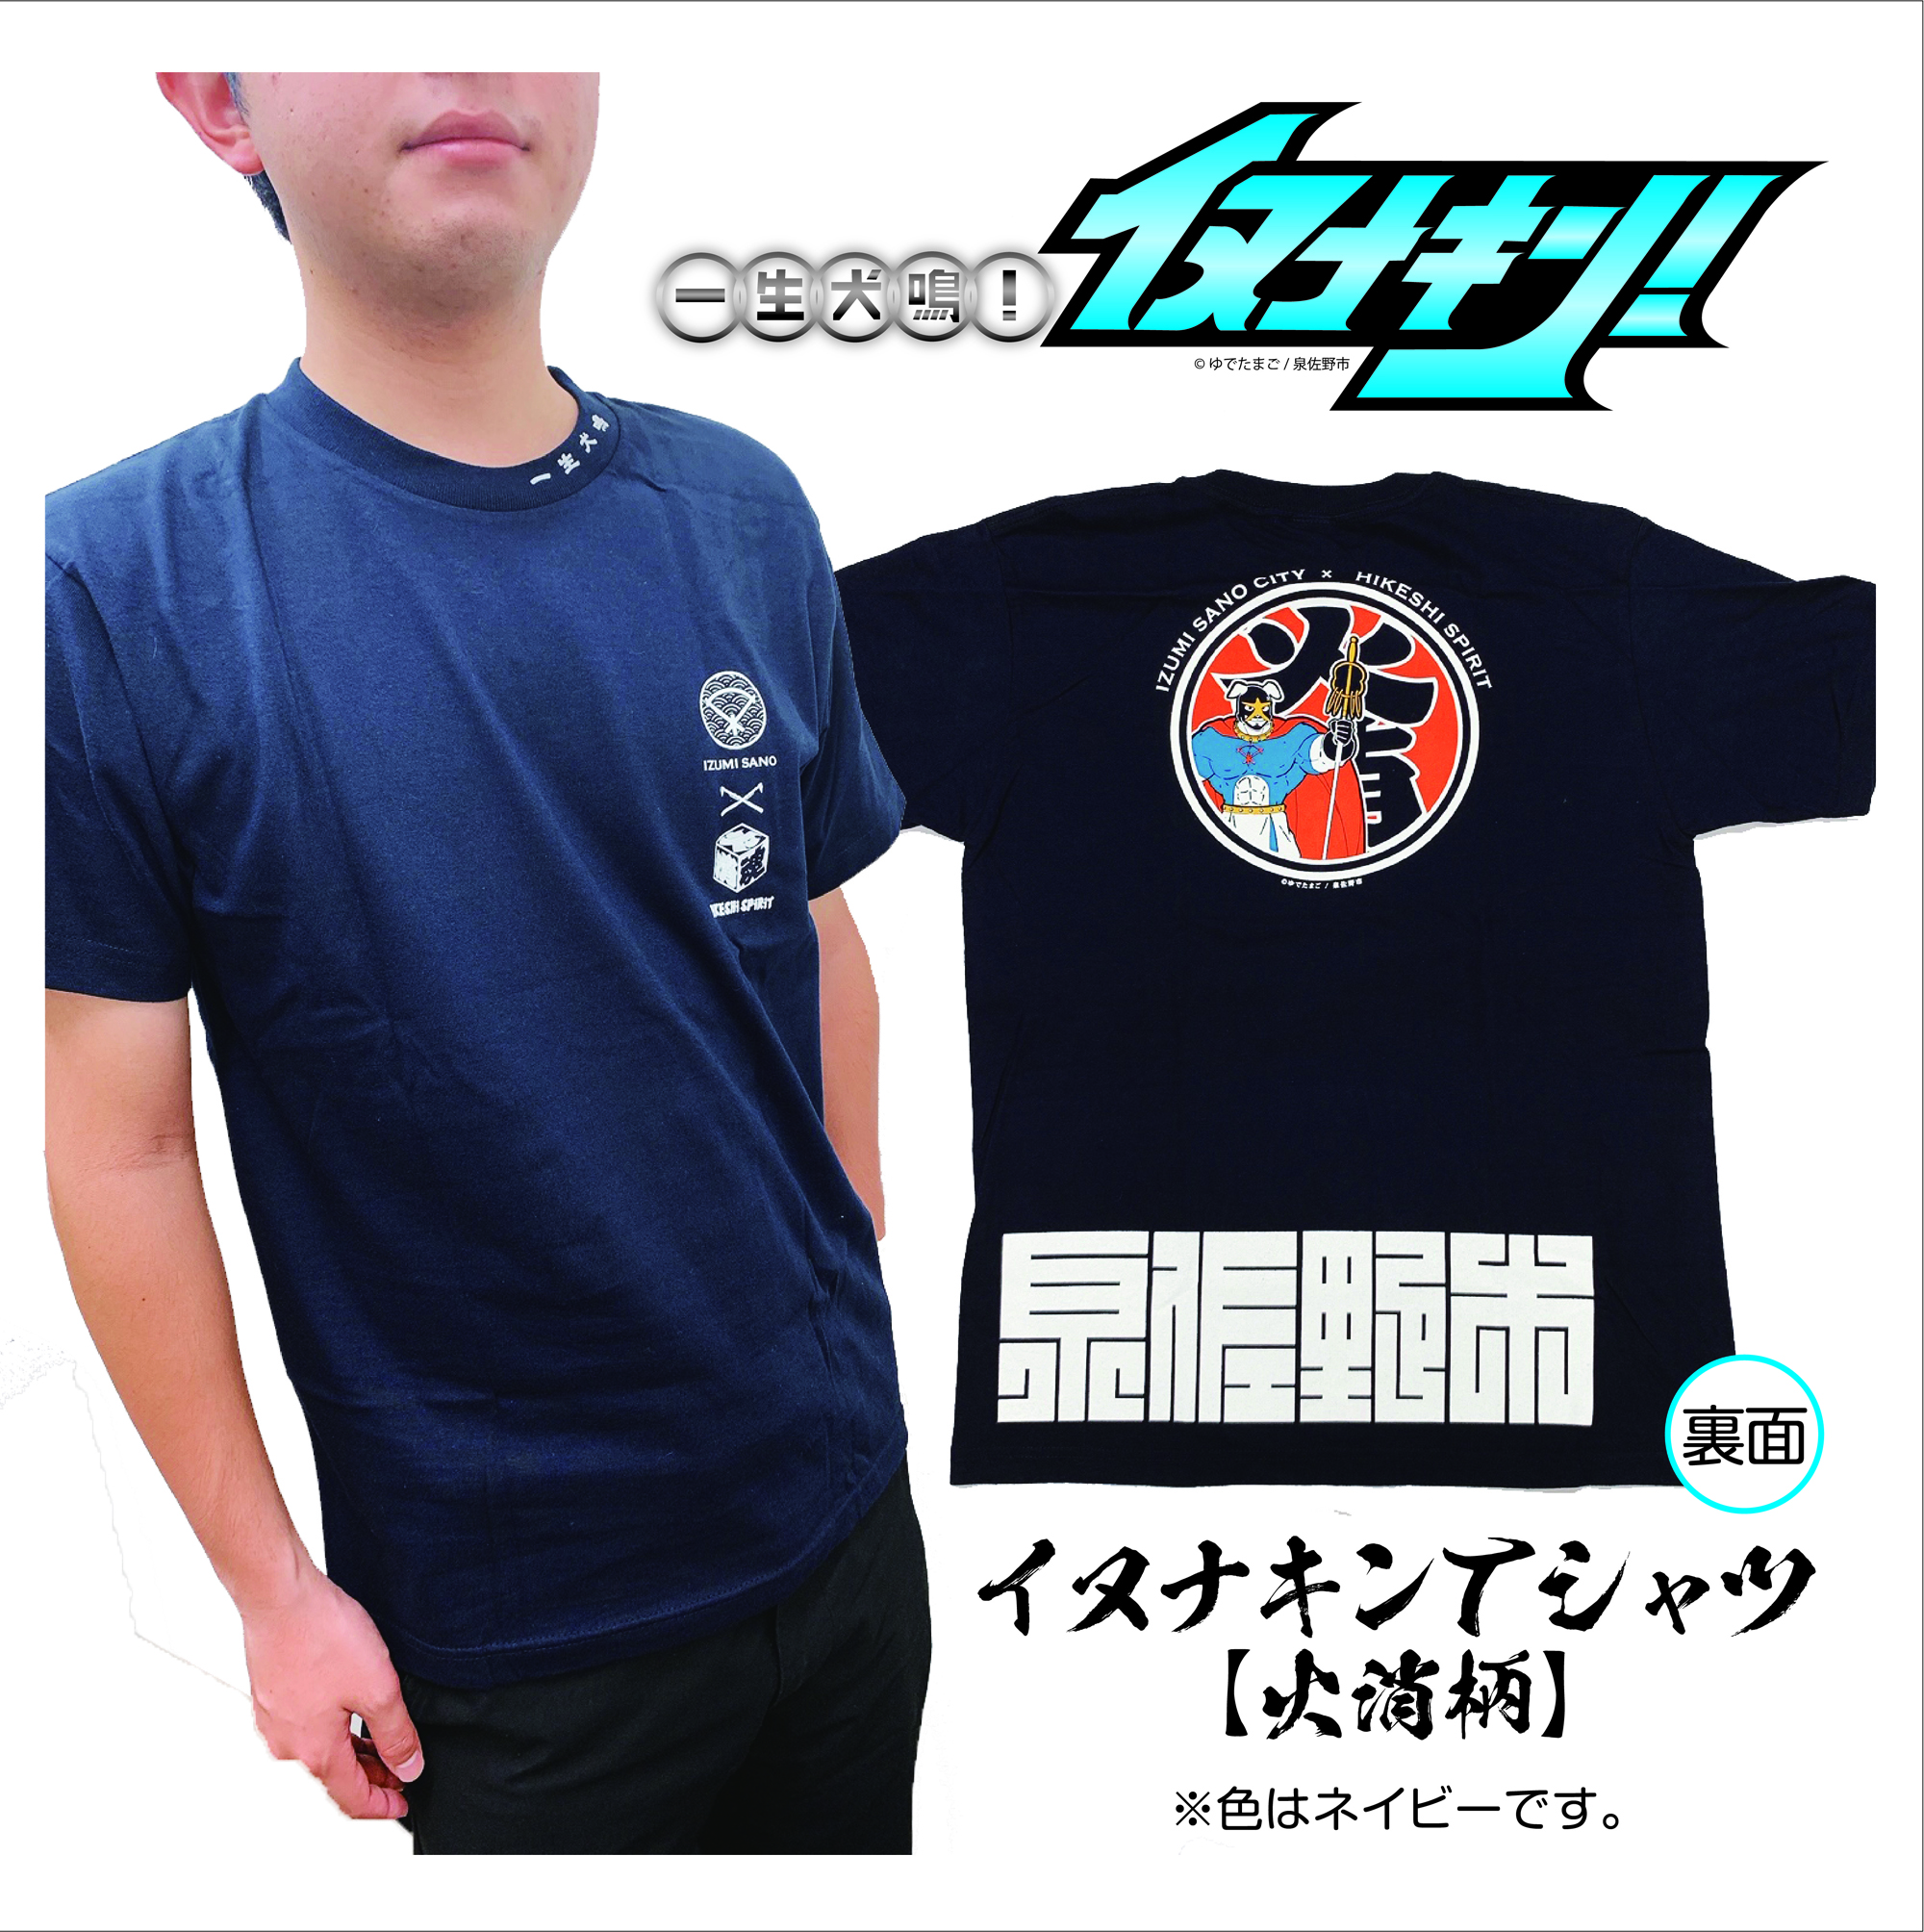 010B174 イヌナキン×火消魂コラボTシャツB サイズL